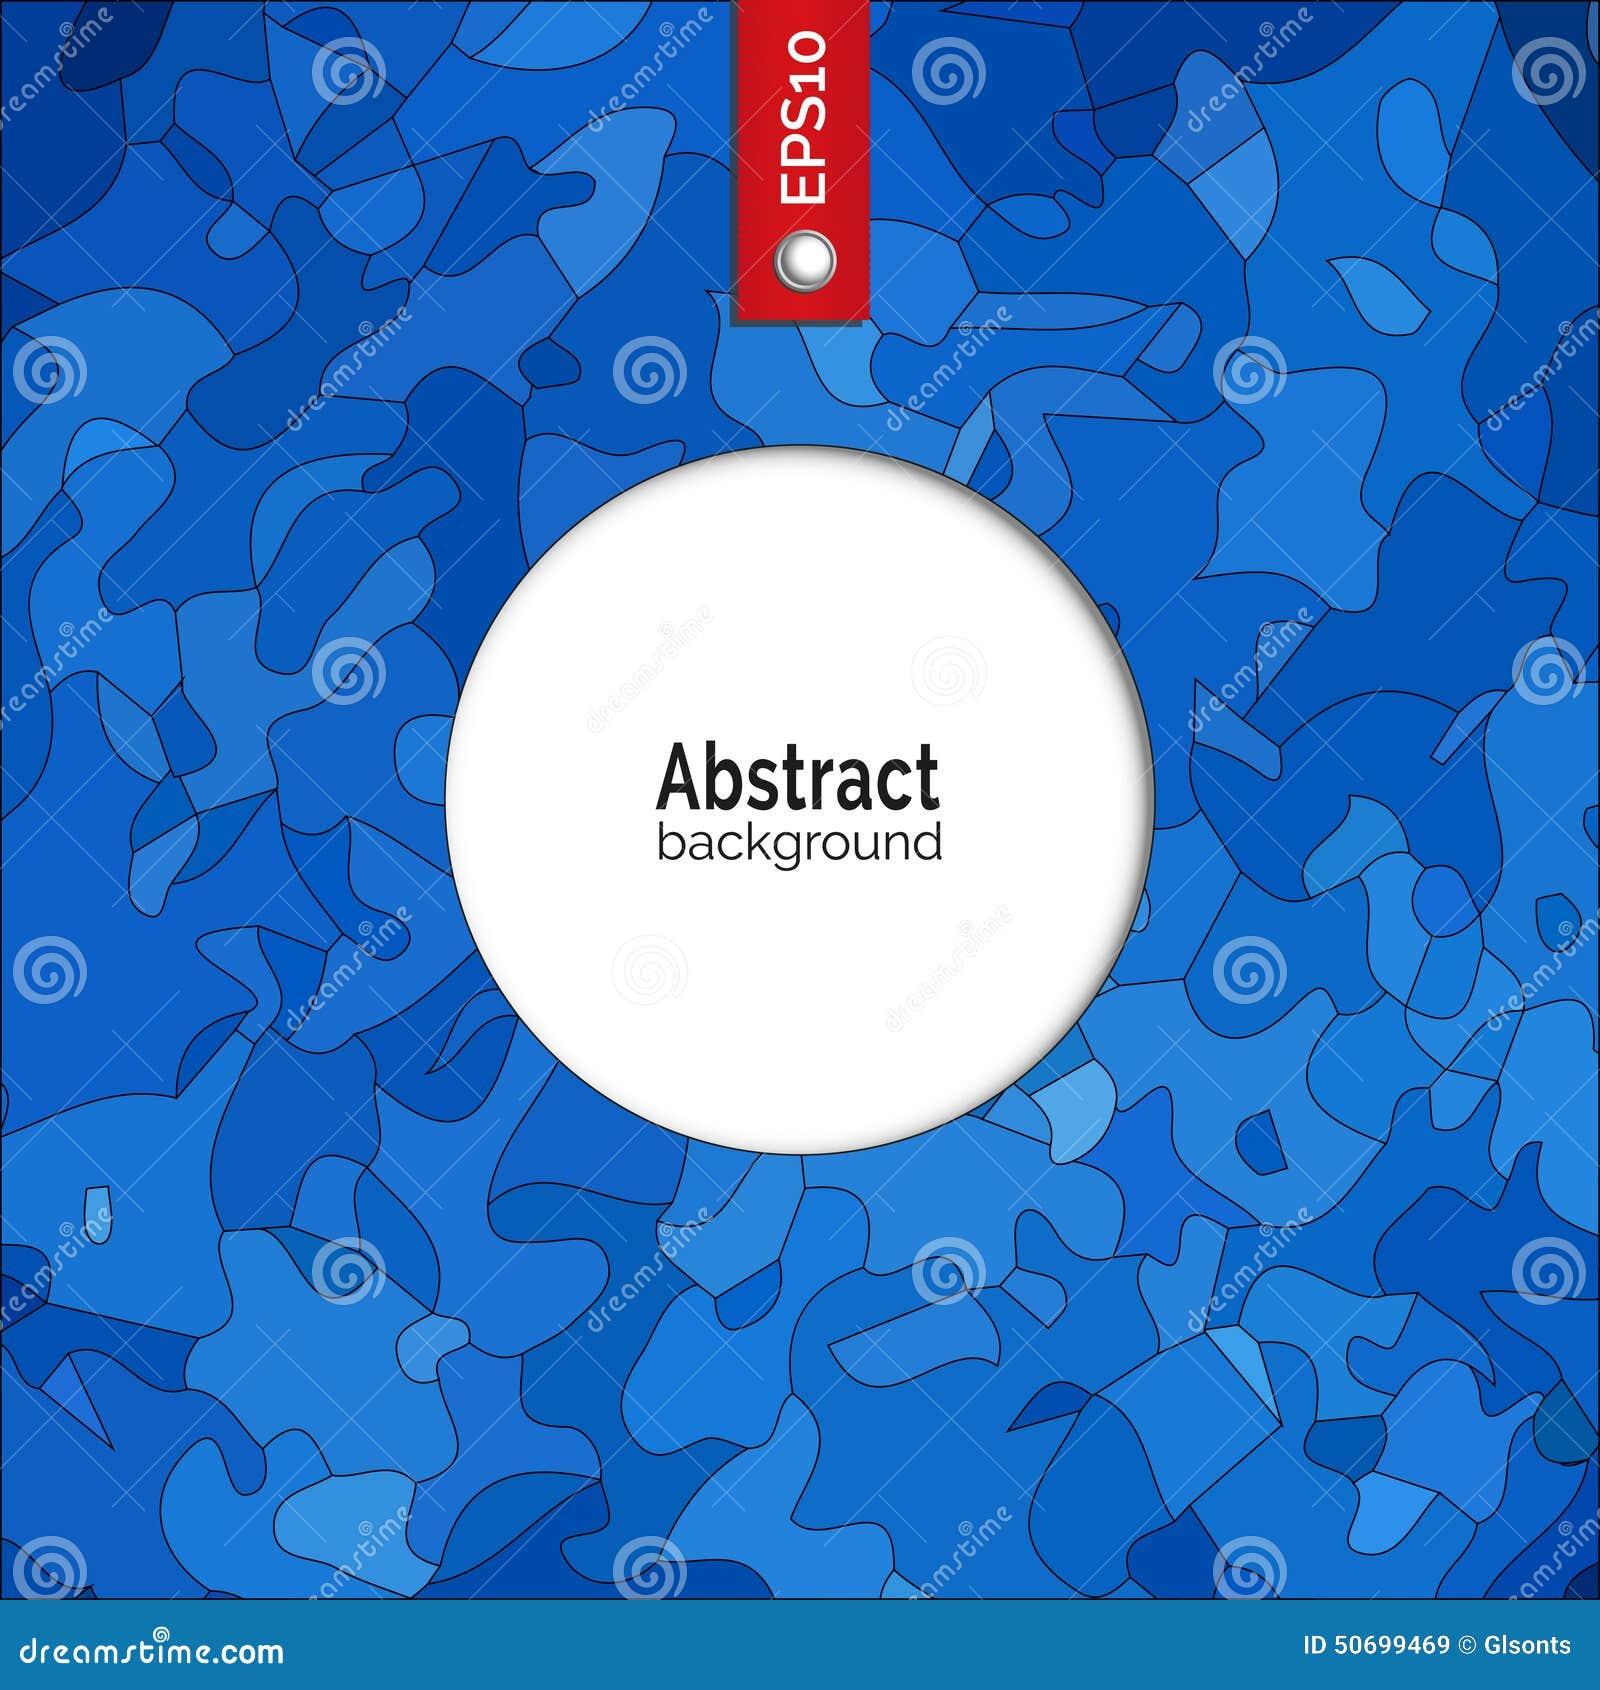 Fondo abstracto del vector Plantilla para la identidad corporativa, publicidad, cartel, evento en color azul